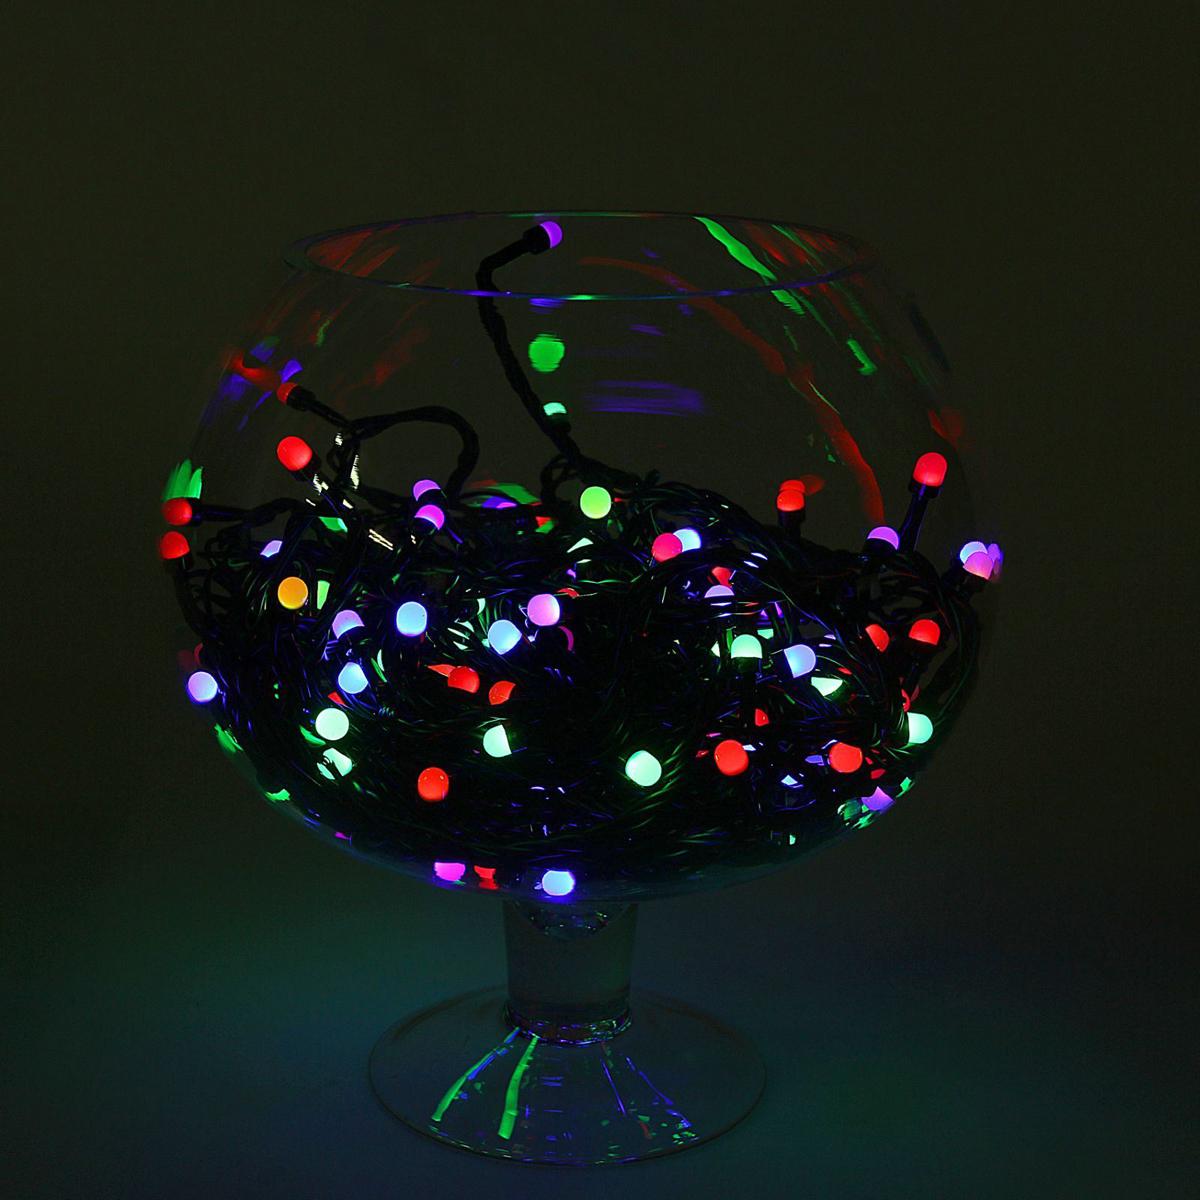 Гирлянда Luazon Метраж, длина 20 м, LED 200 ламп, 220V, цвет: мультиколор1080577Светодиодные гирлянды, ленты и т.д — это отличный вариант для новогоднего оформления интерьера или фасада. С их помощью помещение любого размера можно превратить в праздничный зал, а внешние элементы зданий, украшенные ими, мгновенно станут напоминать очертания сказочного дворца. Такие украшения создают ауру предвкушения чуда. Деревья, фасады, витрины, окна и арки будто специально созданы, чтобы вы украсили их светящимися нитями.